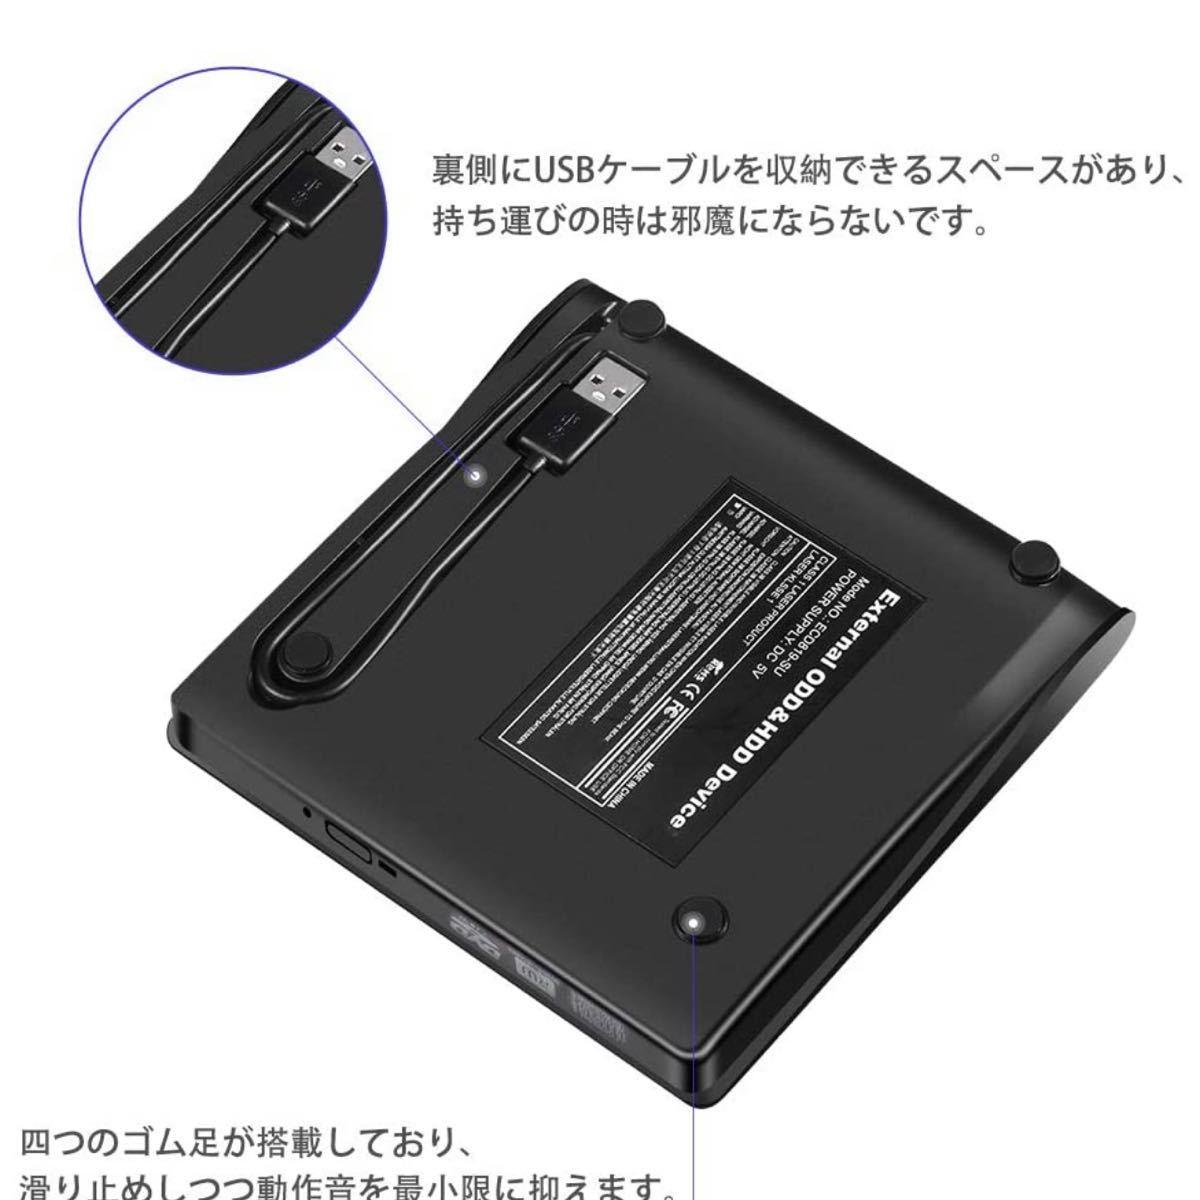 USB3.0 Type C 外付け DVDドライブ CD/DVDプレーヤー Type Cポート ポータブル 高速 薄型 静音